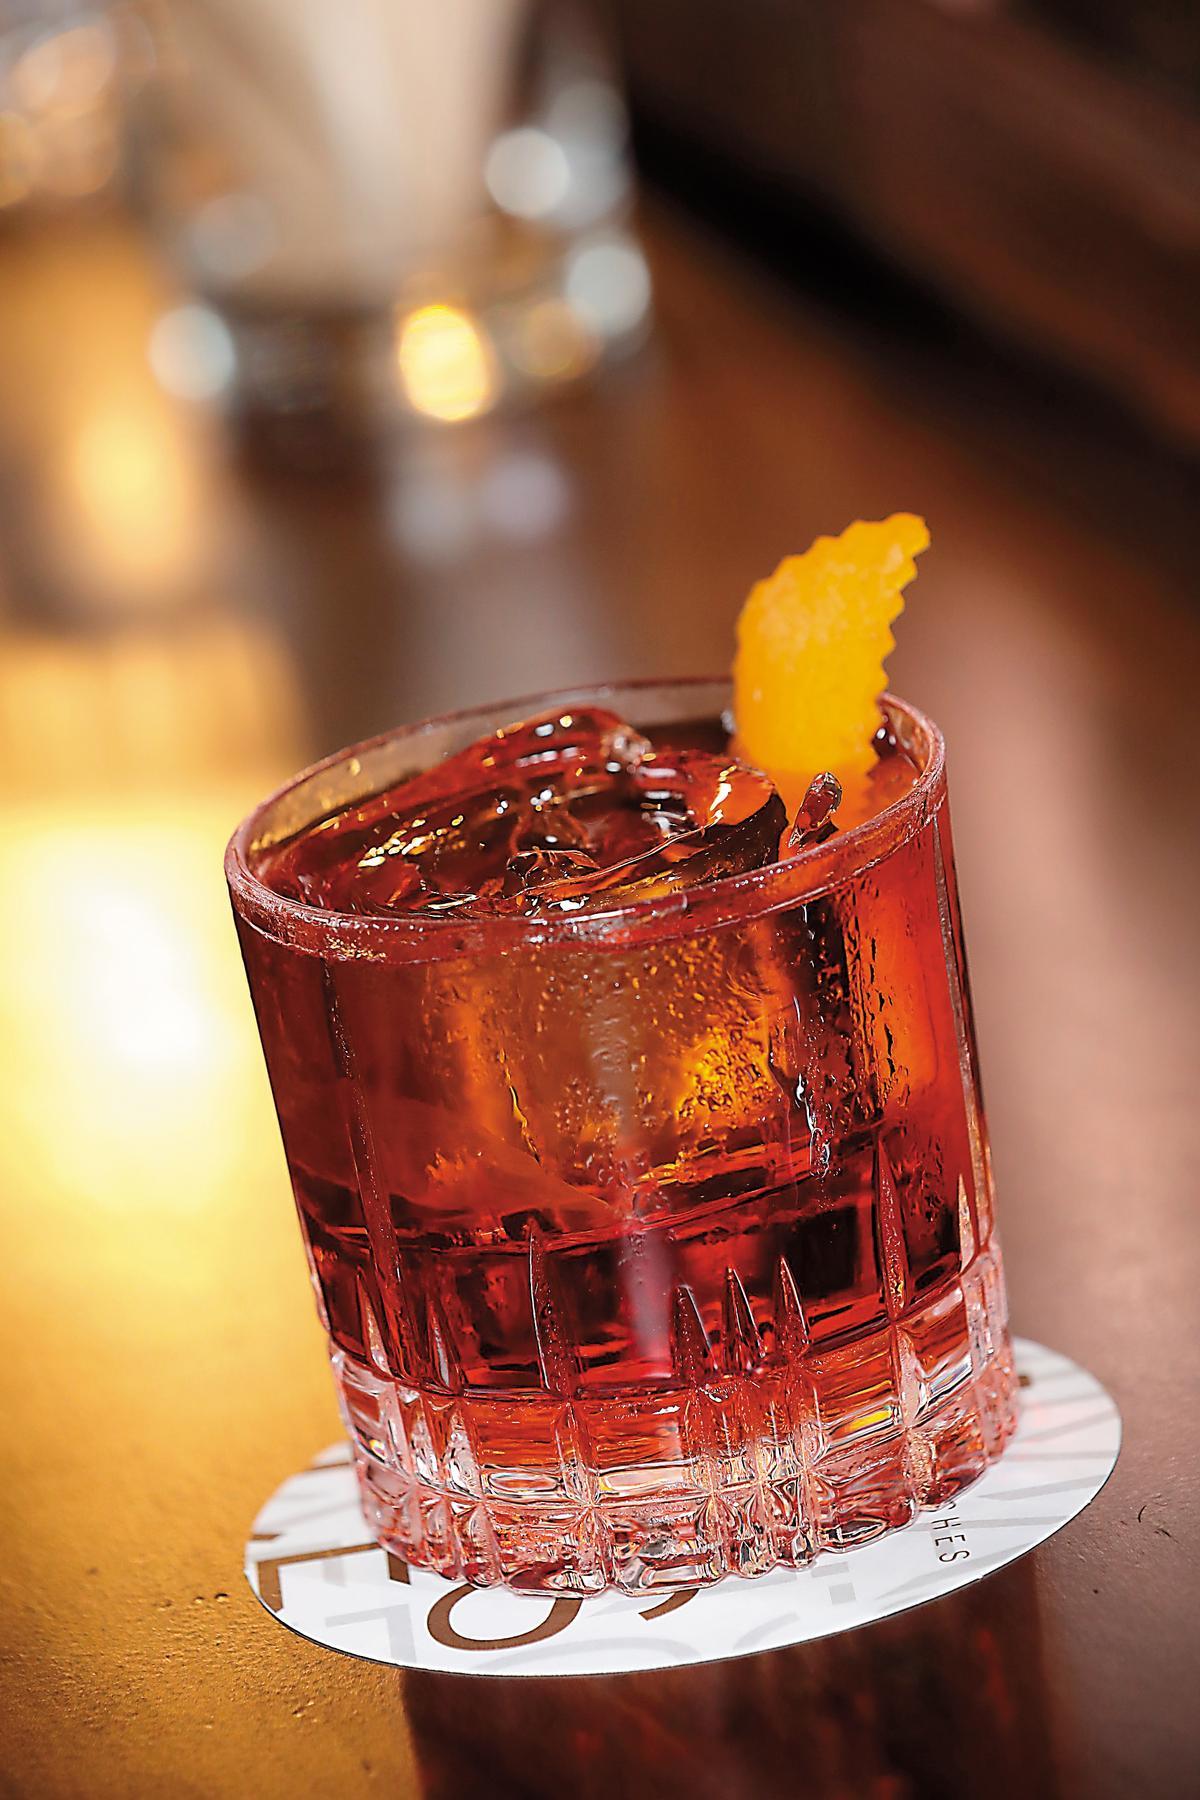 威杯Rock:身寬體胖、可容納大冰塊,讓威士忌降溫卻不會過度稀釋,或適用水割喝法,成熟穩重卻又帶點放鬆的品飲展現。